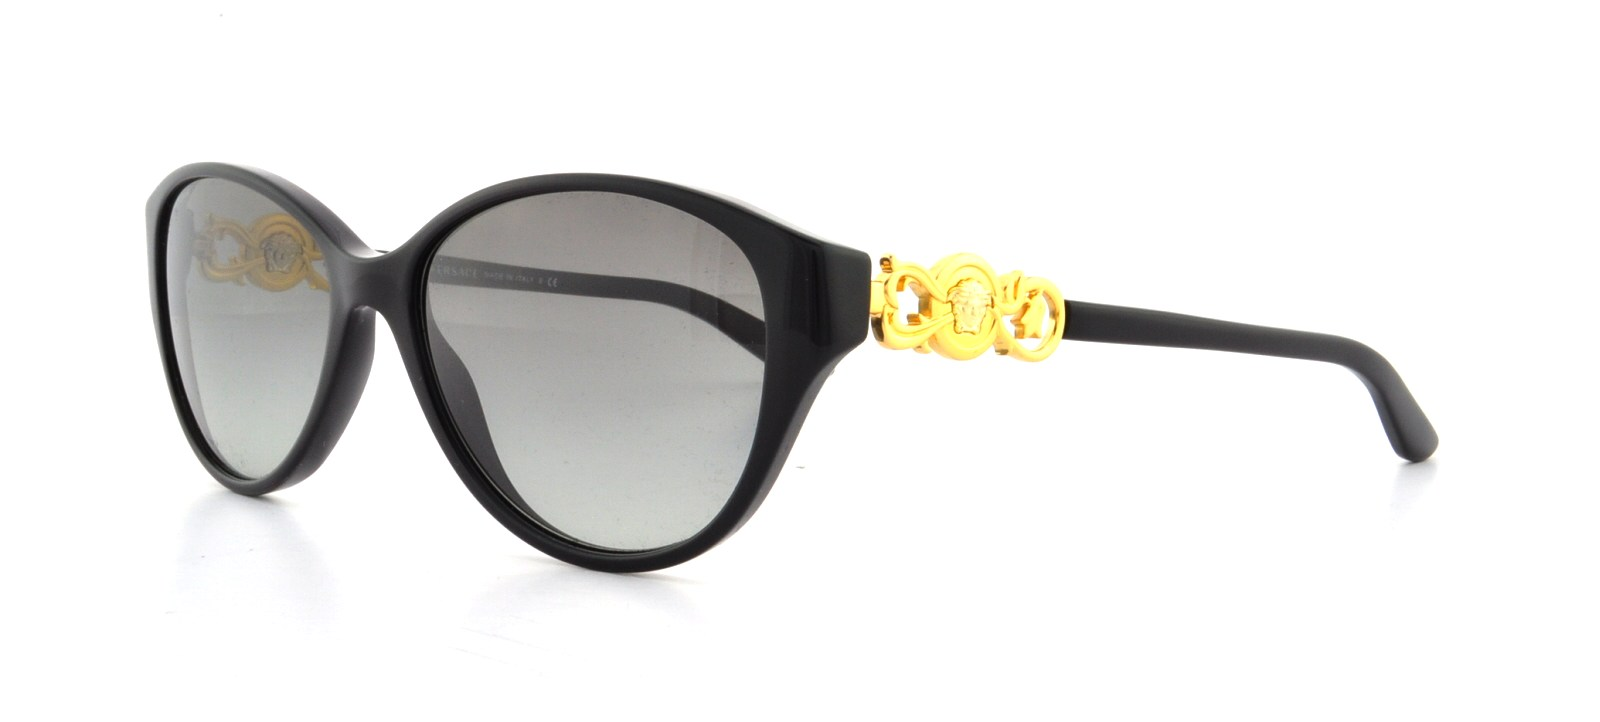 Designer Frames Outlet. Versace VE4245